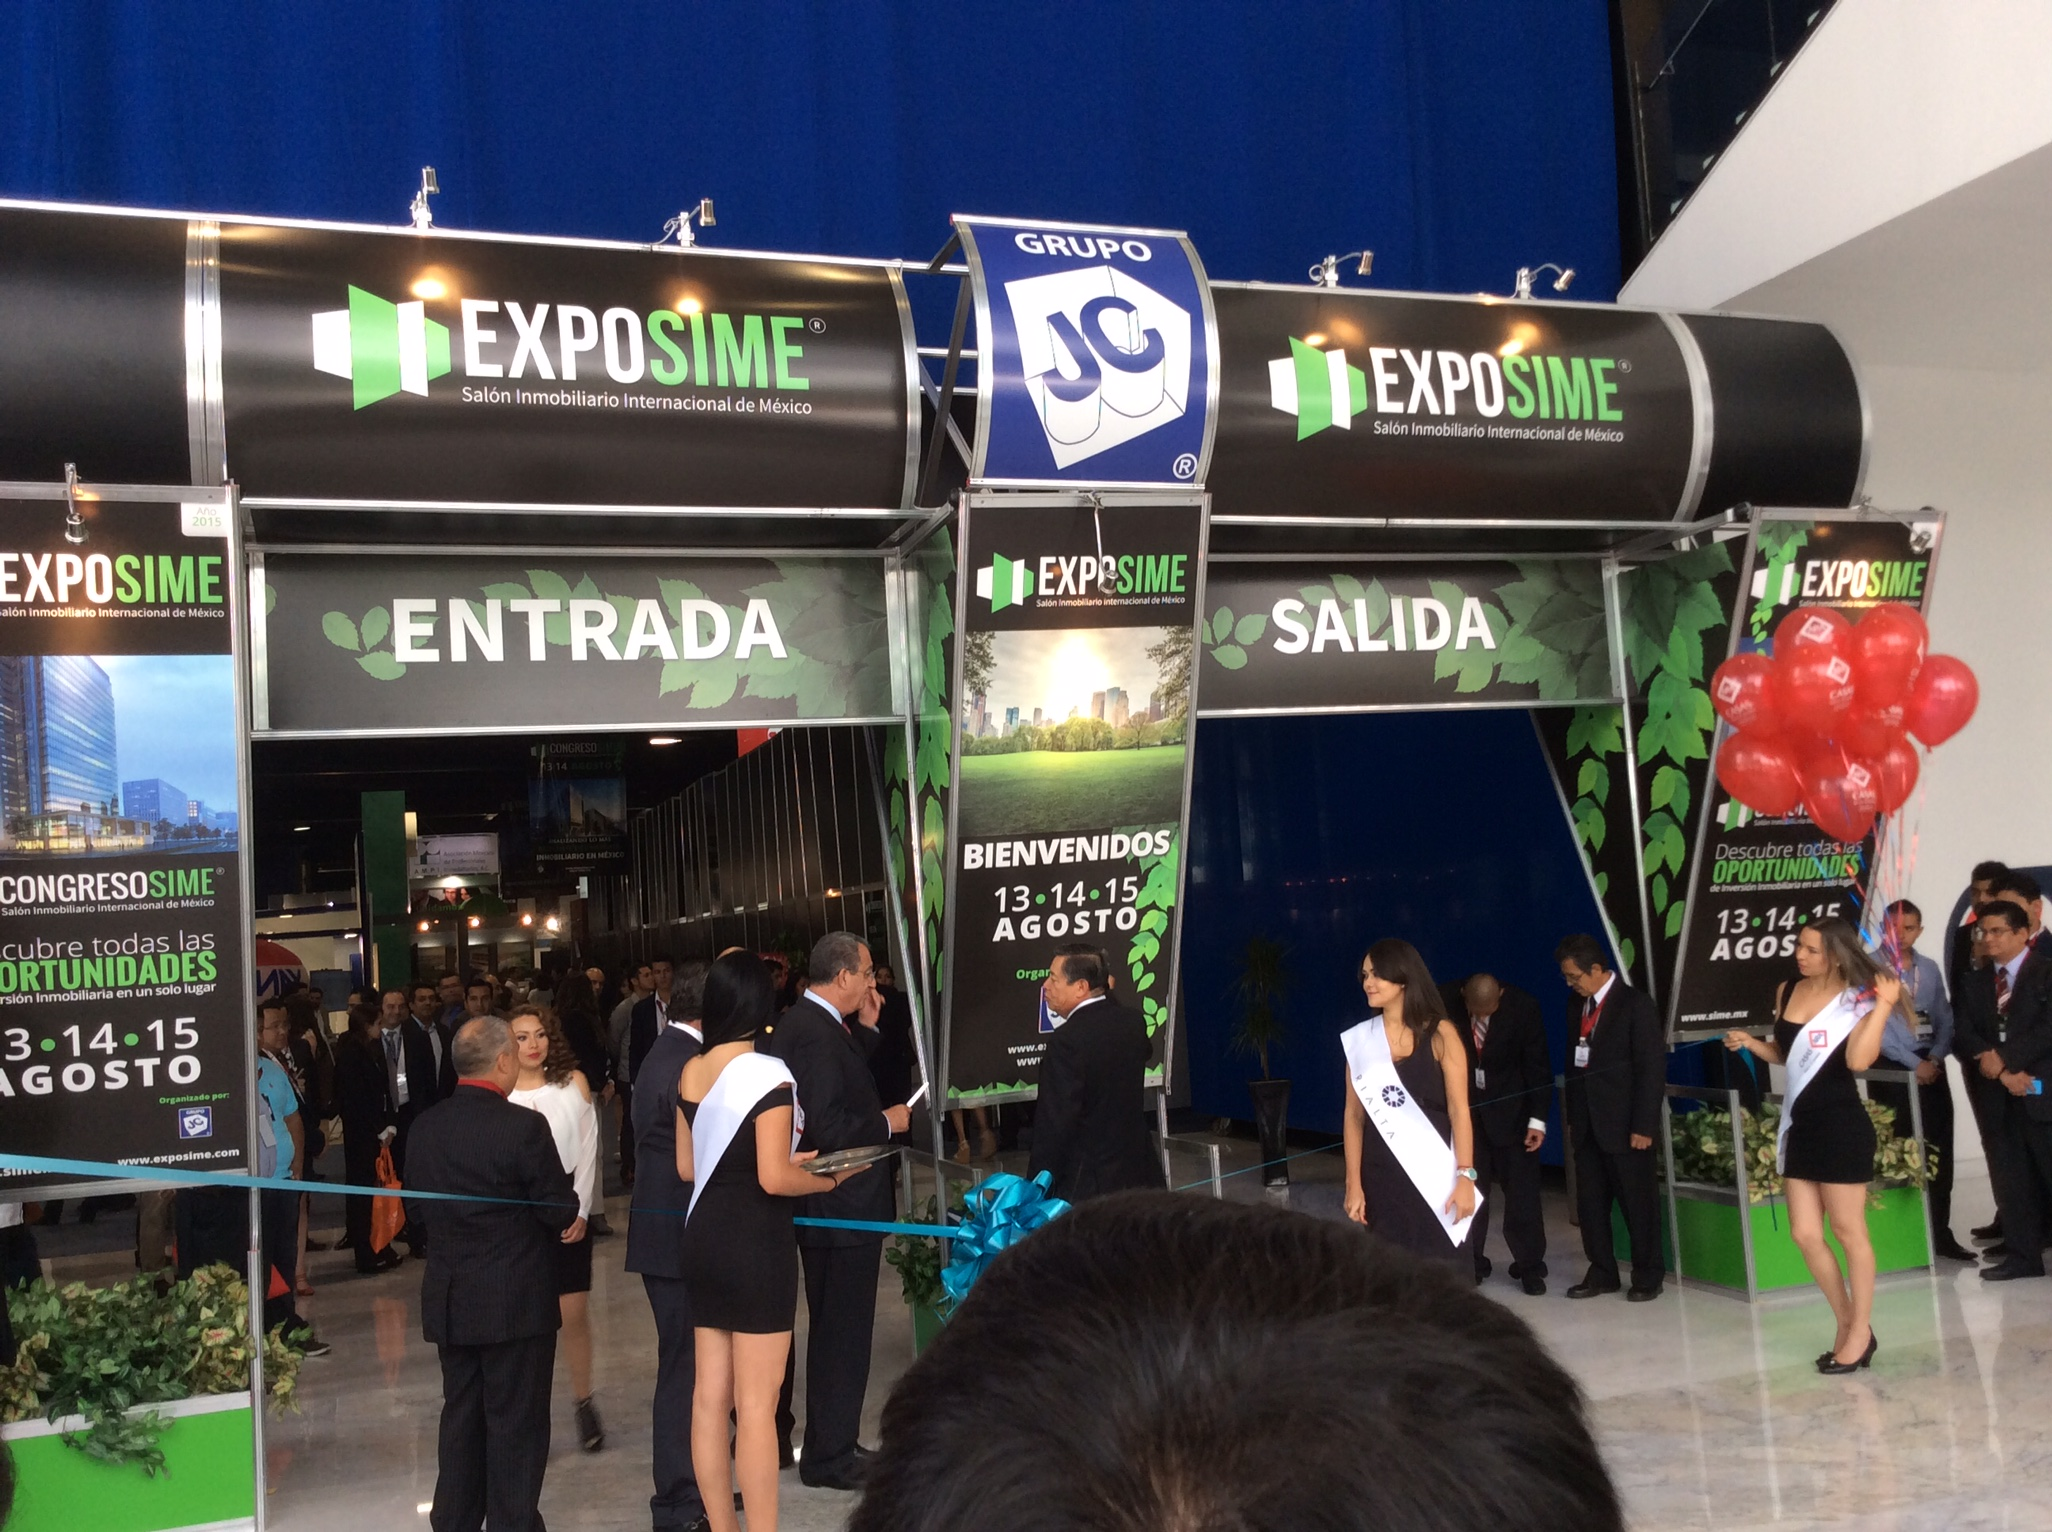 Expo SIME 2015 expo sime 2015 EXPO SIME 2015 IMG 2303